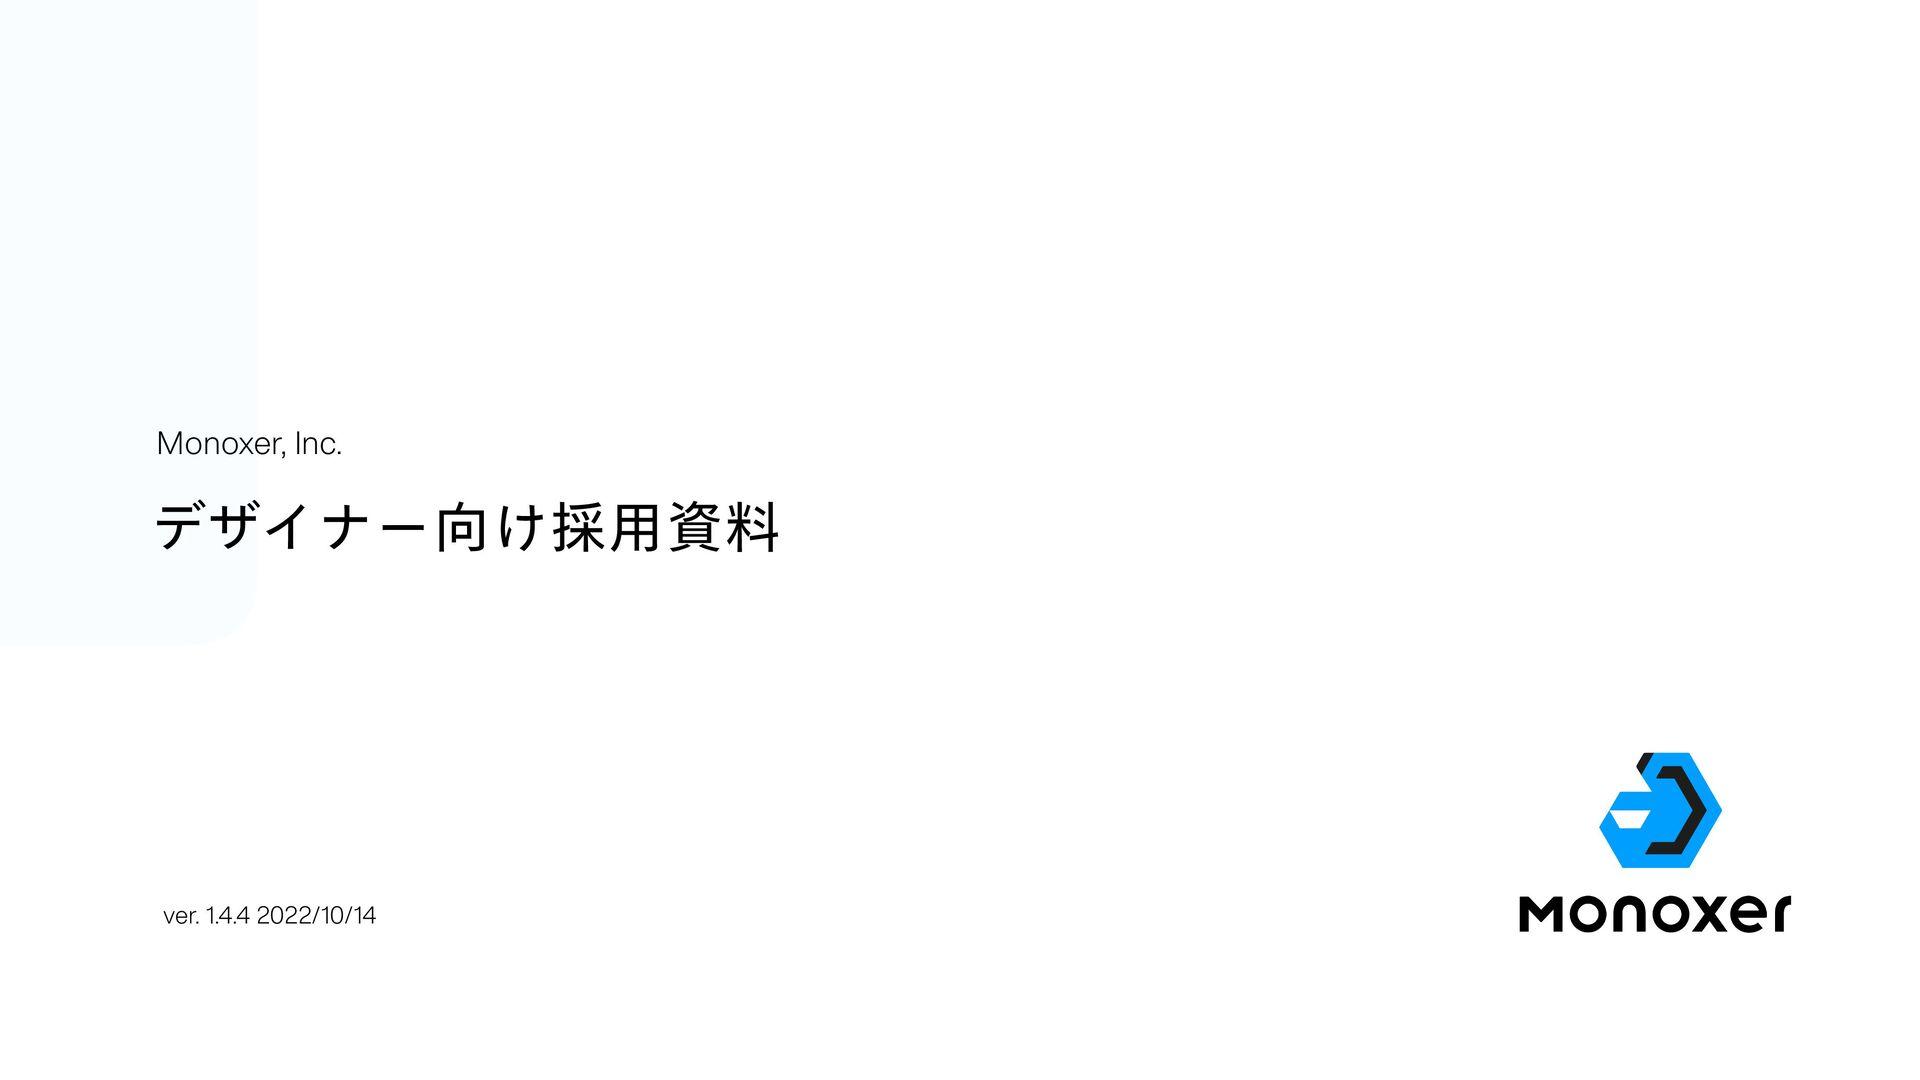 σβΠφʔ͚࠾༻ྉ Monoxer, Inc. ver. 1.3.1